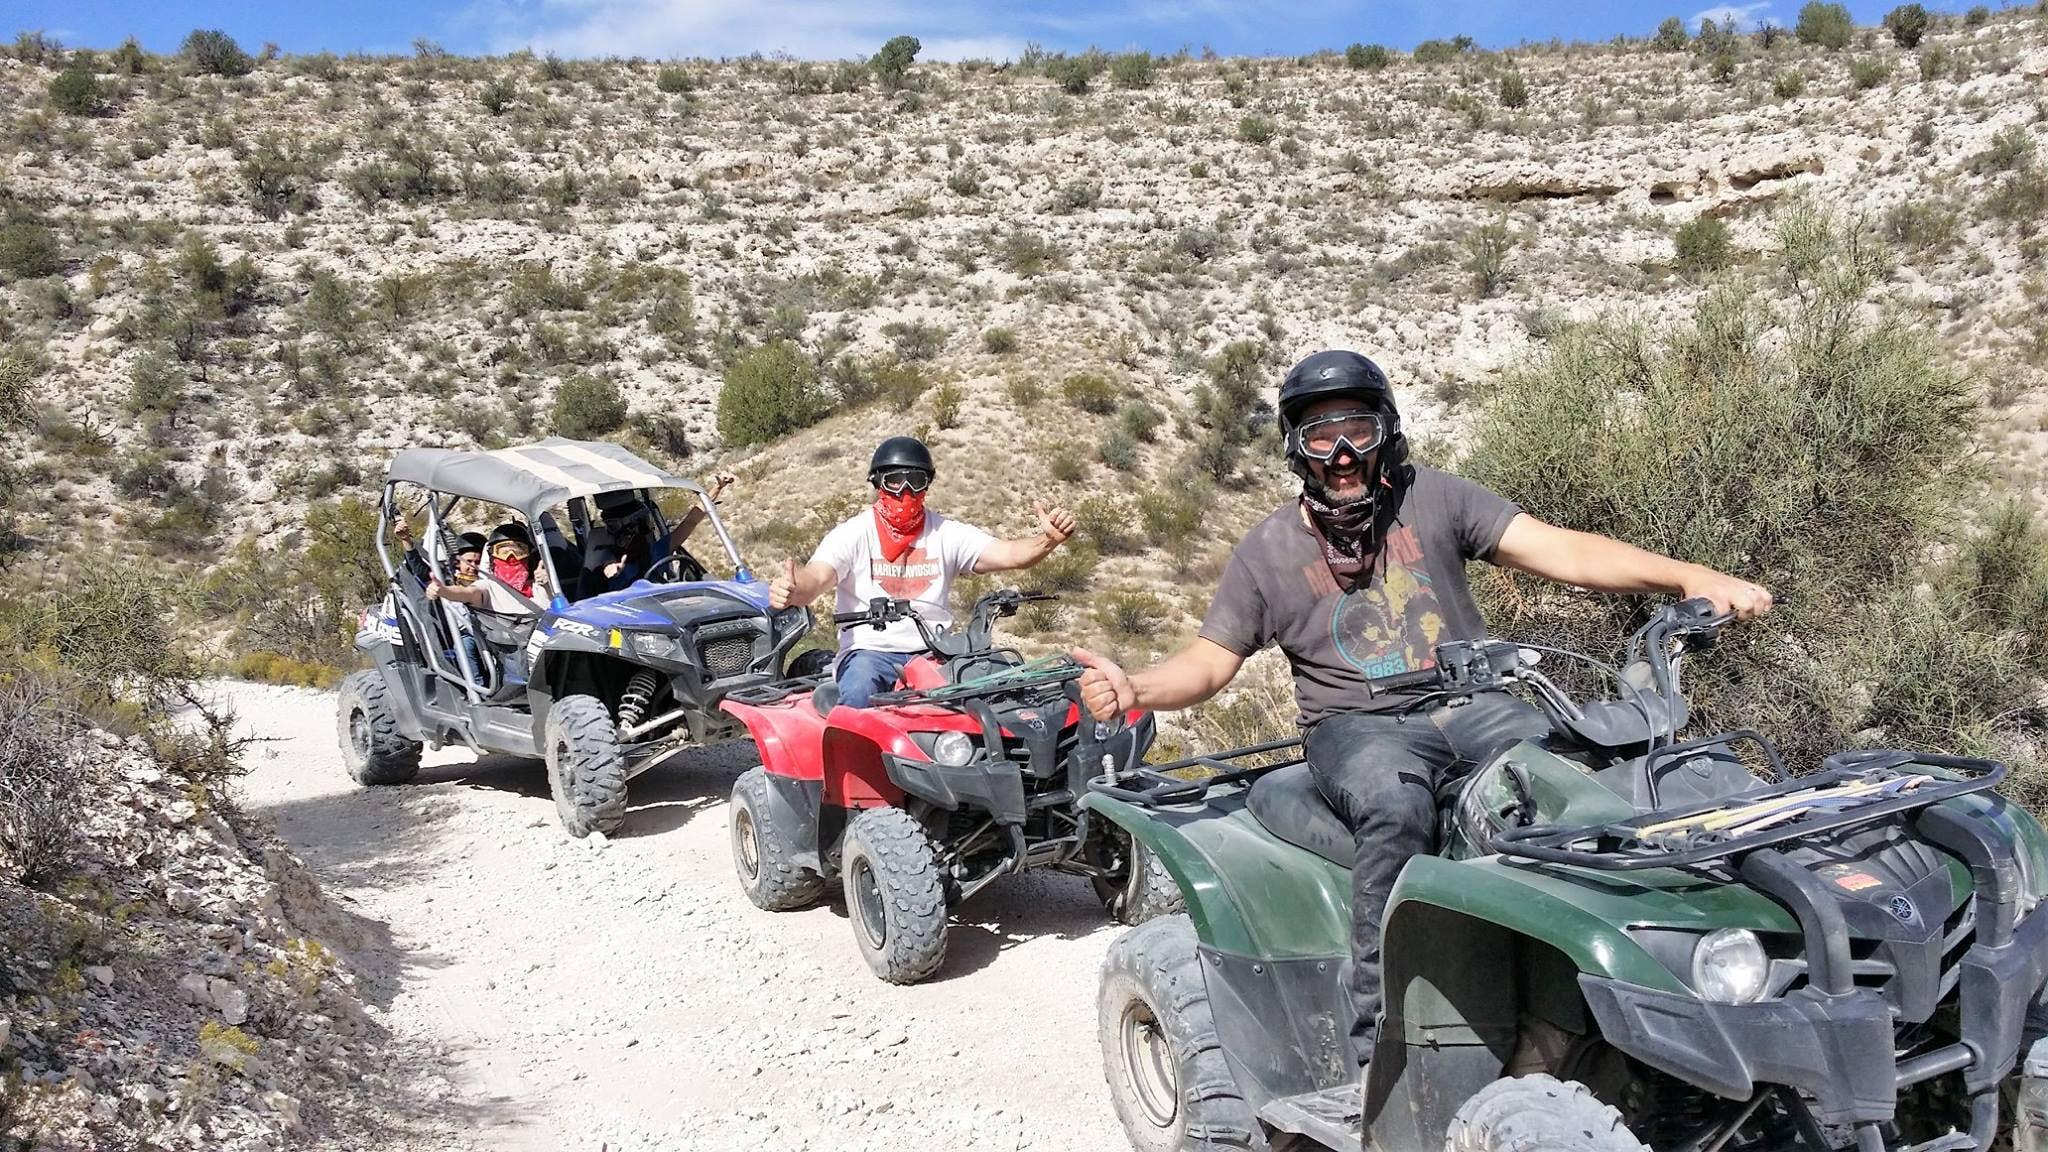 Arizona Offroad Tours